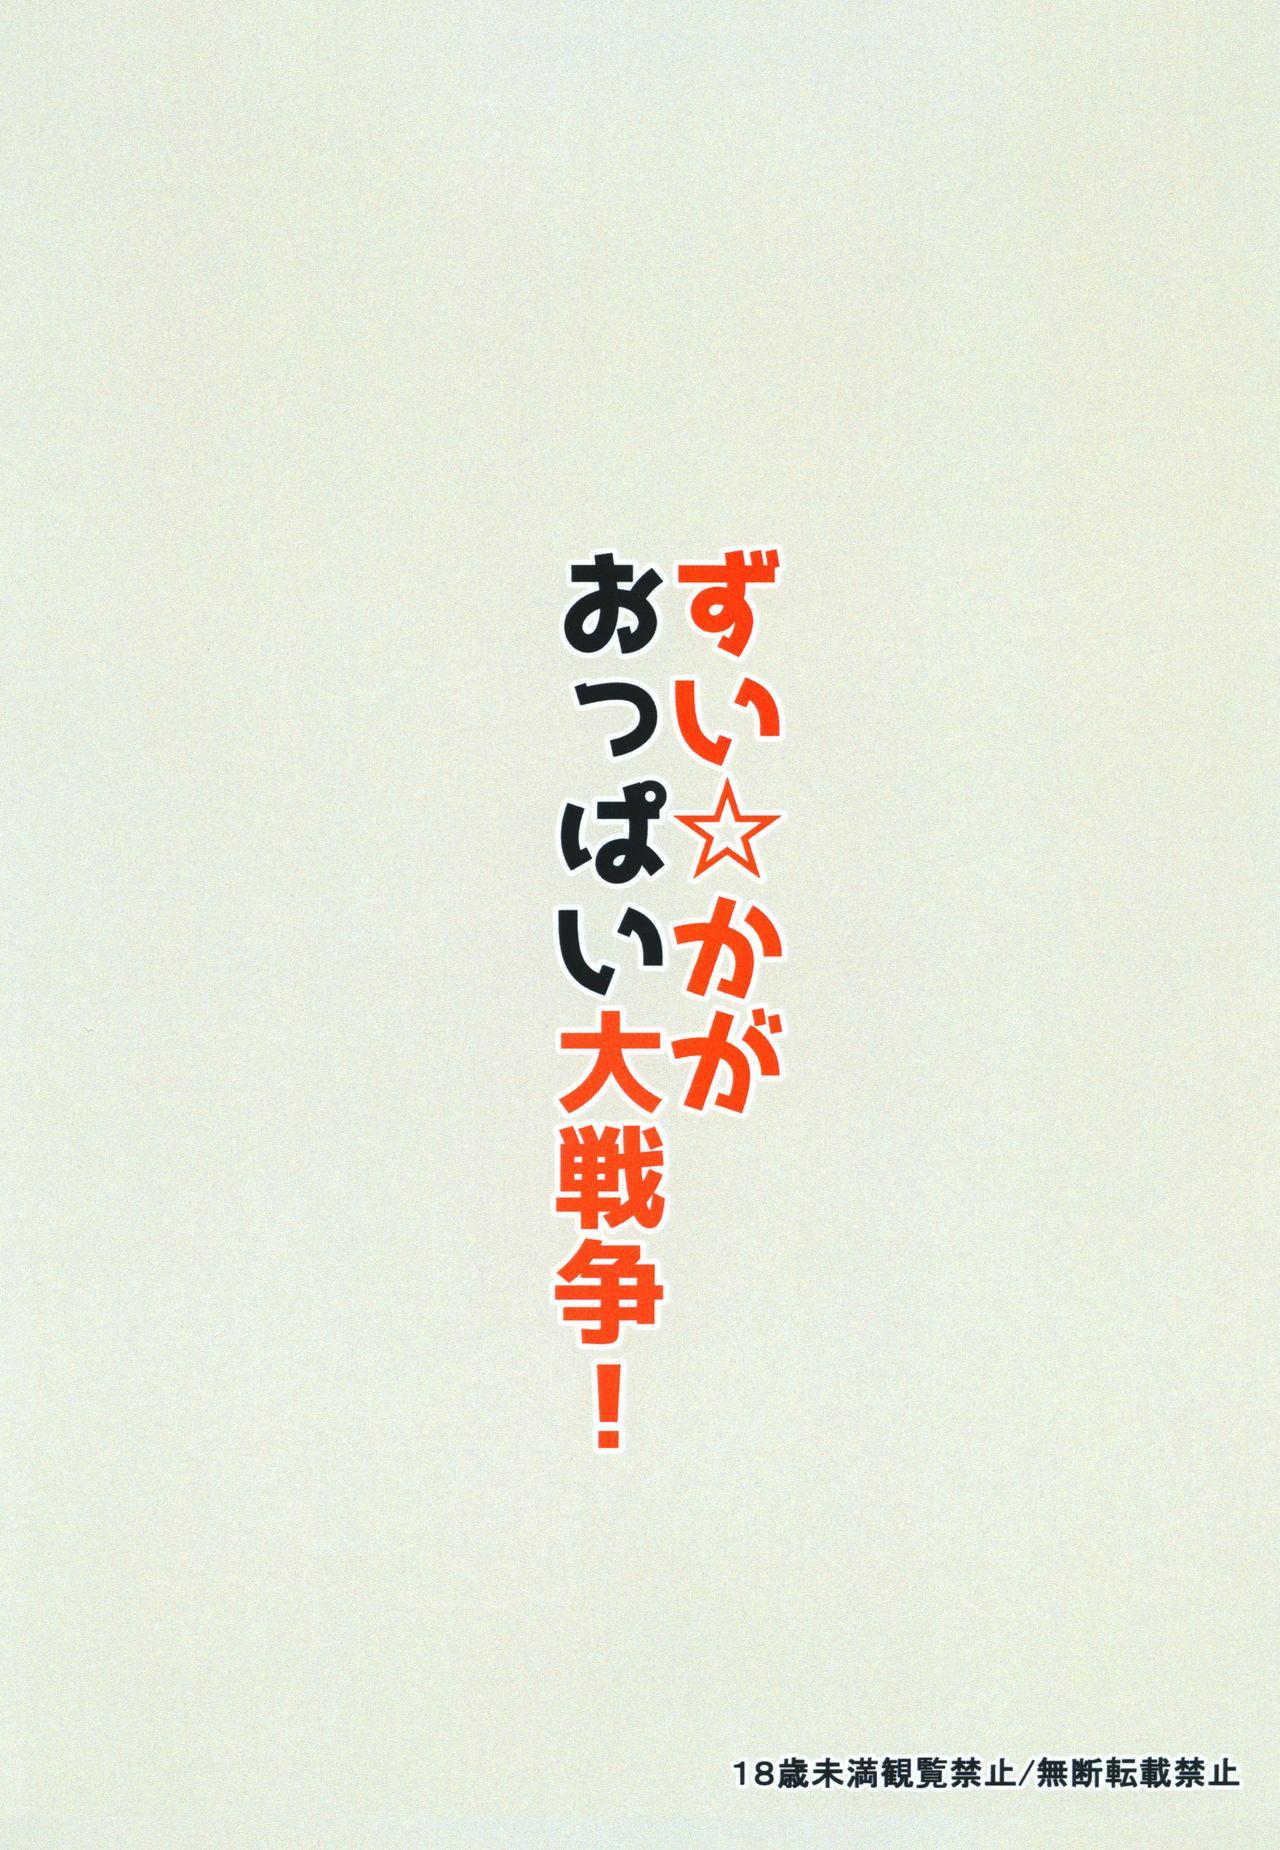 Zui ☆ Kaga Oppai Daisensou! 22